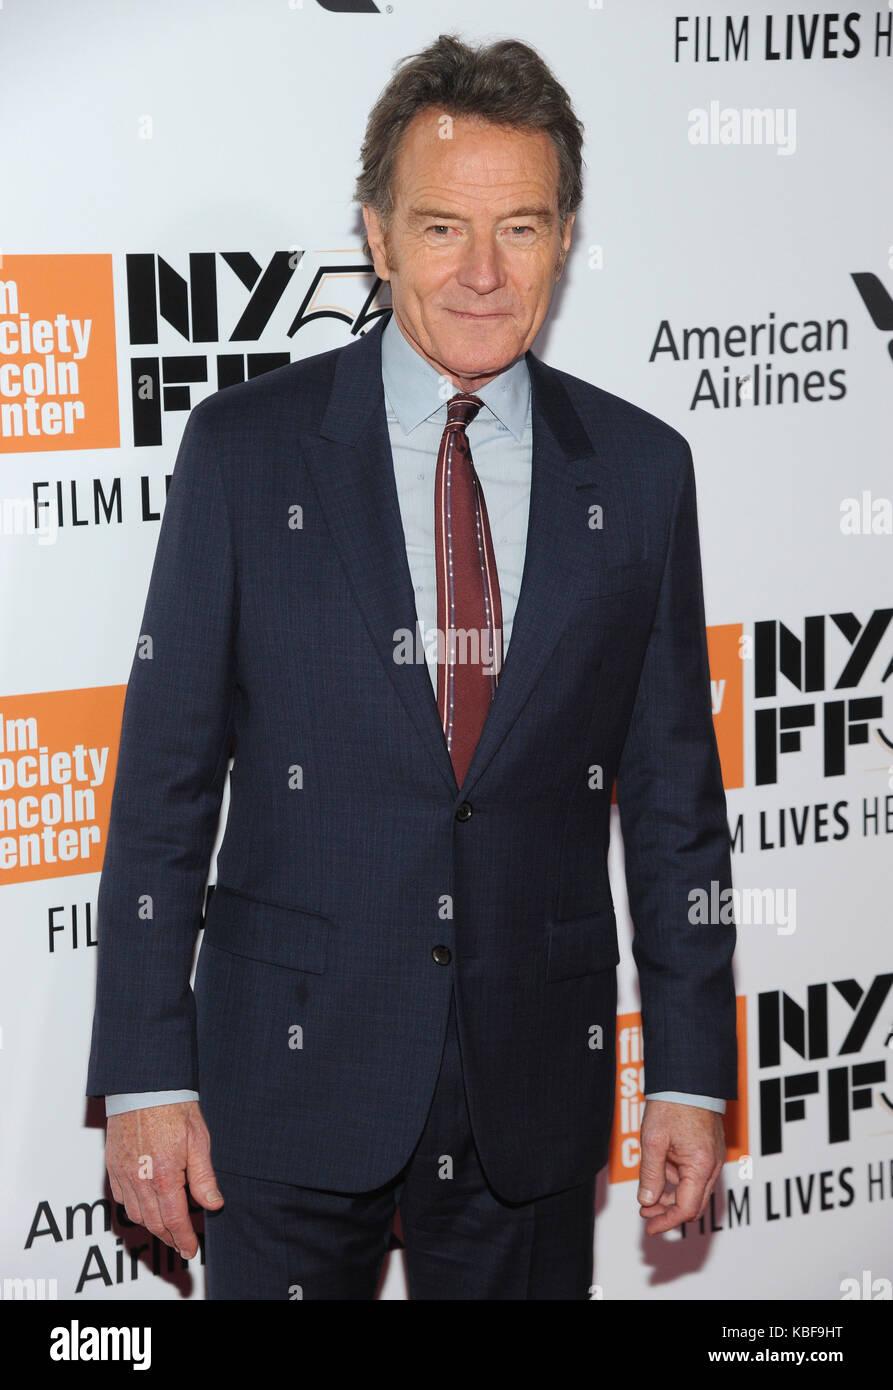 New York, NY, Stati Uniti. 28th settembre 2017. Bryan Cranston partecipa al 55th New York Film Festival inaugurando Foto Stock